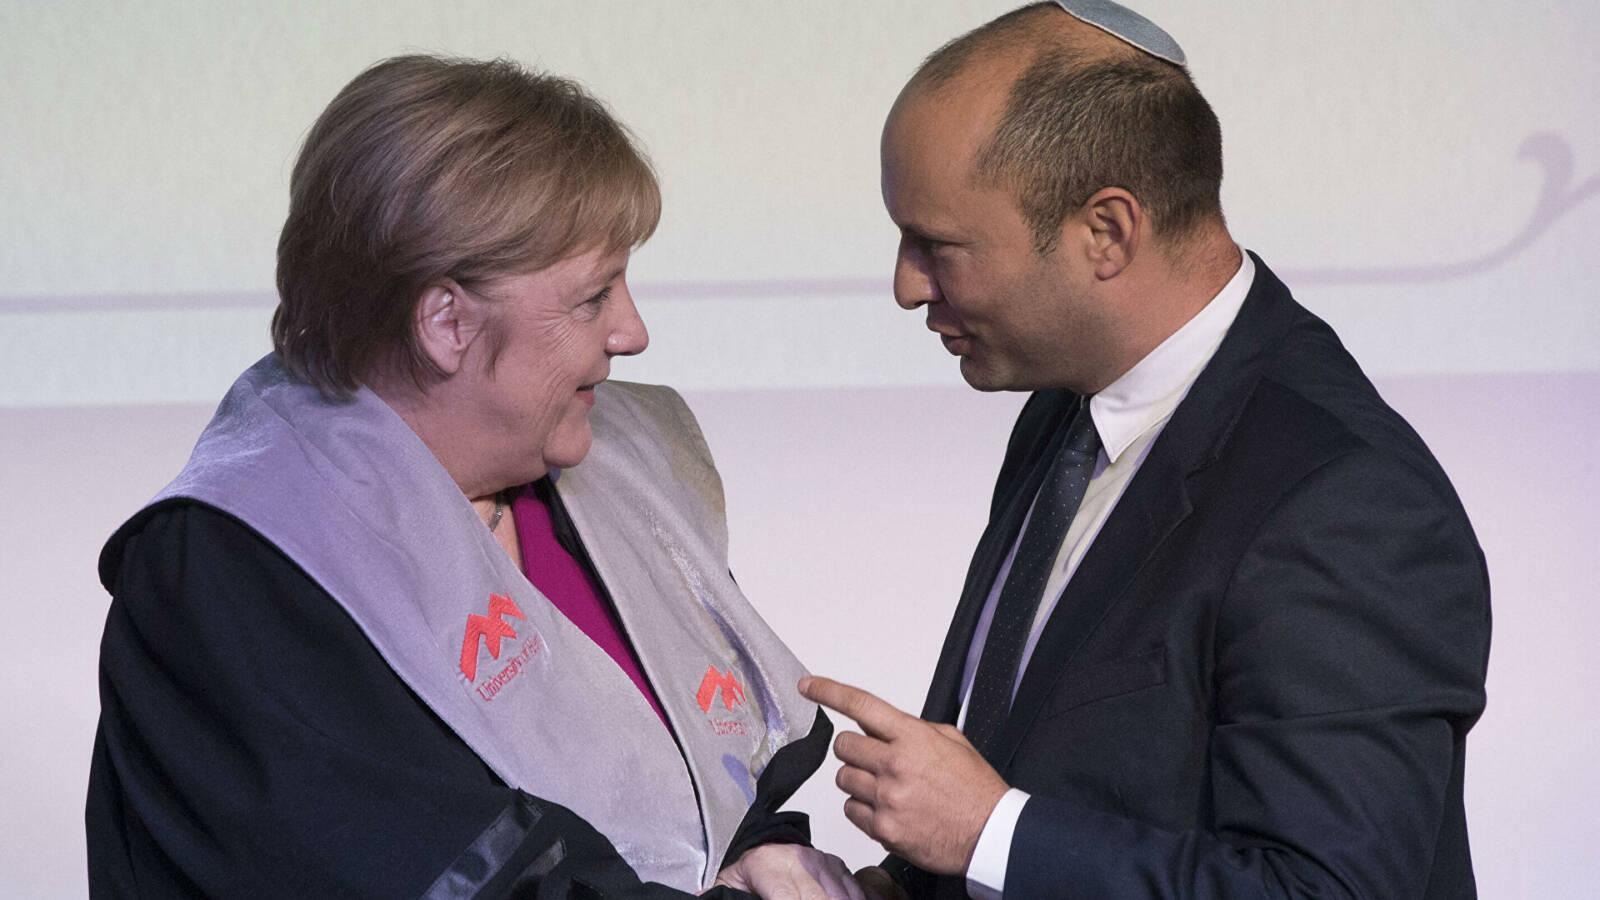 Merkel utolsó útja Izraelbe vezet kancellárként – Kibic Magazin